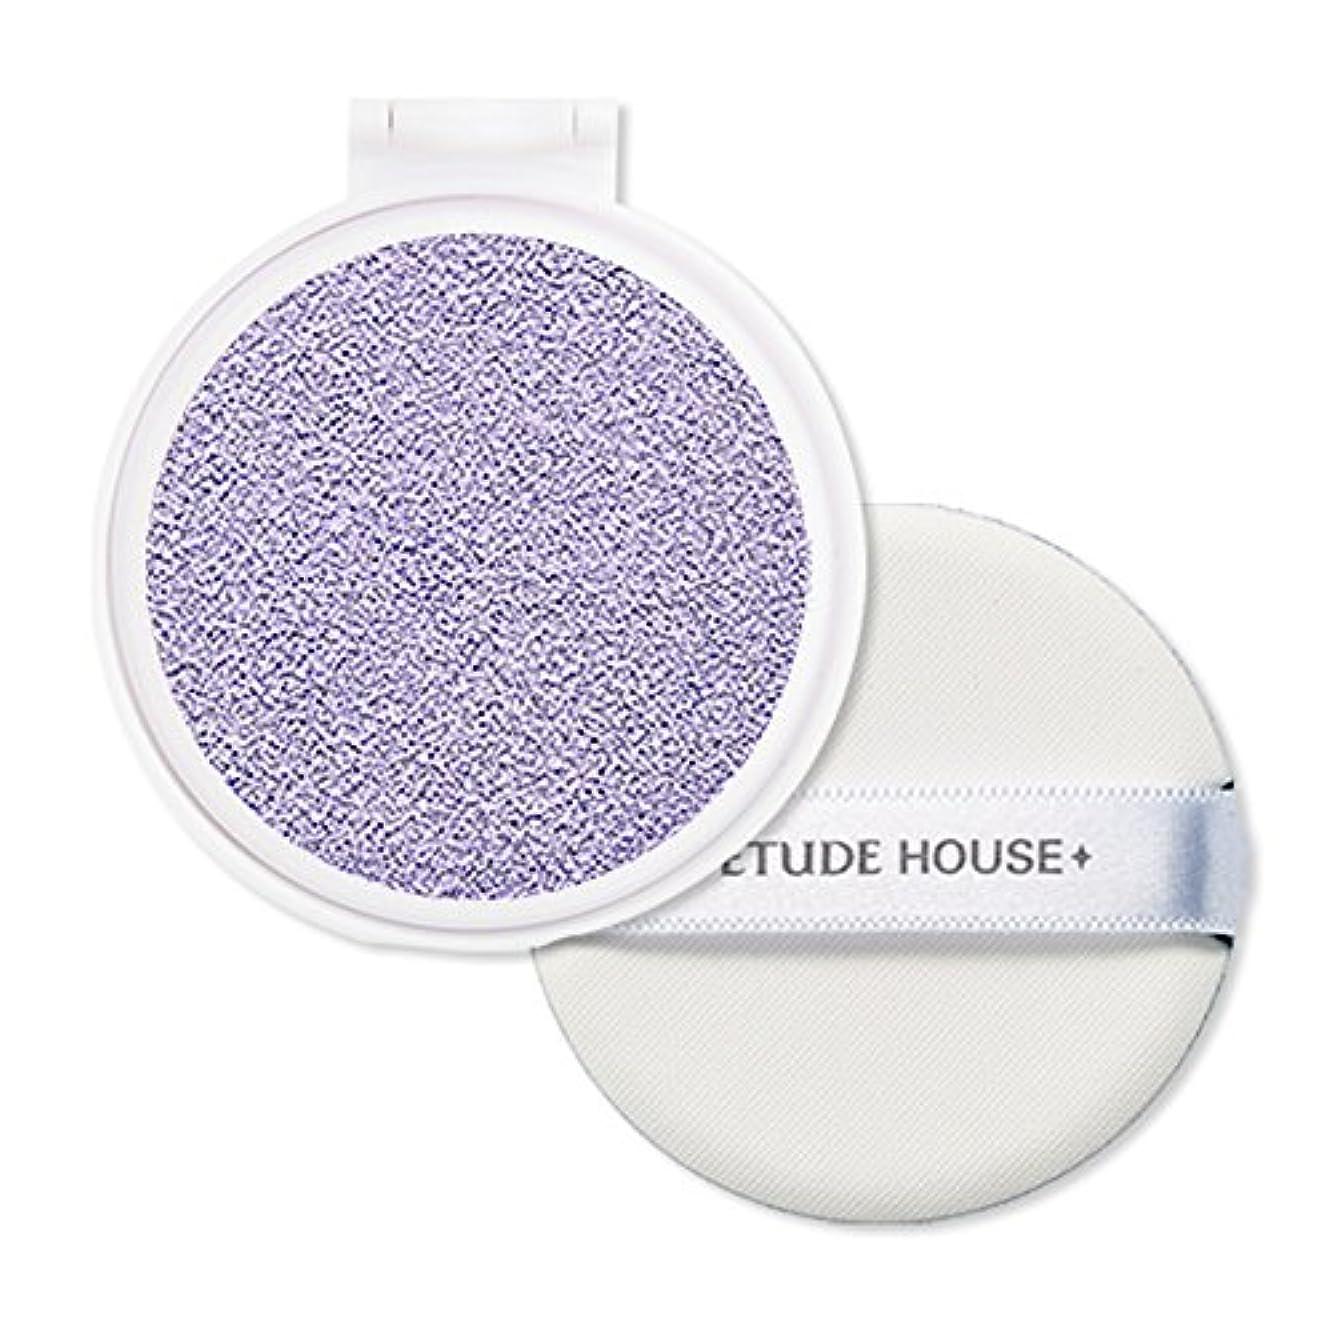 ラバアトラス応じるエチュードハウス(ETUDE HOUSE) エニークッション カラーコレクター レフィル Lavender